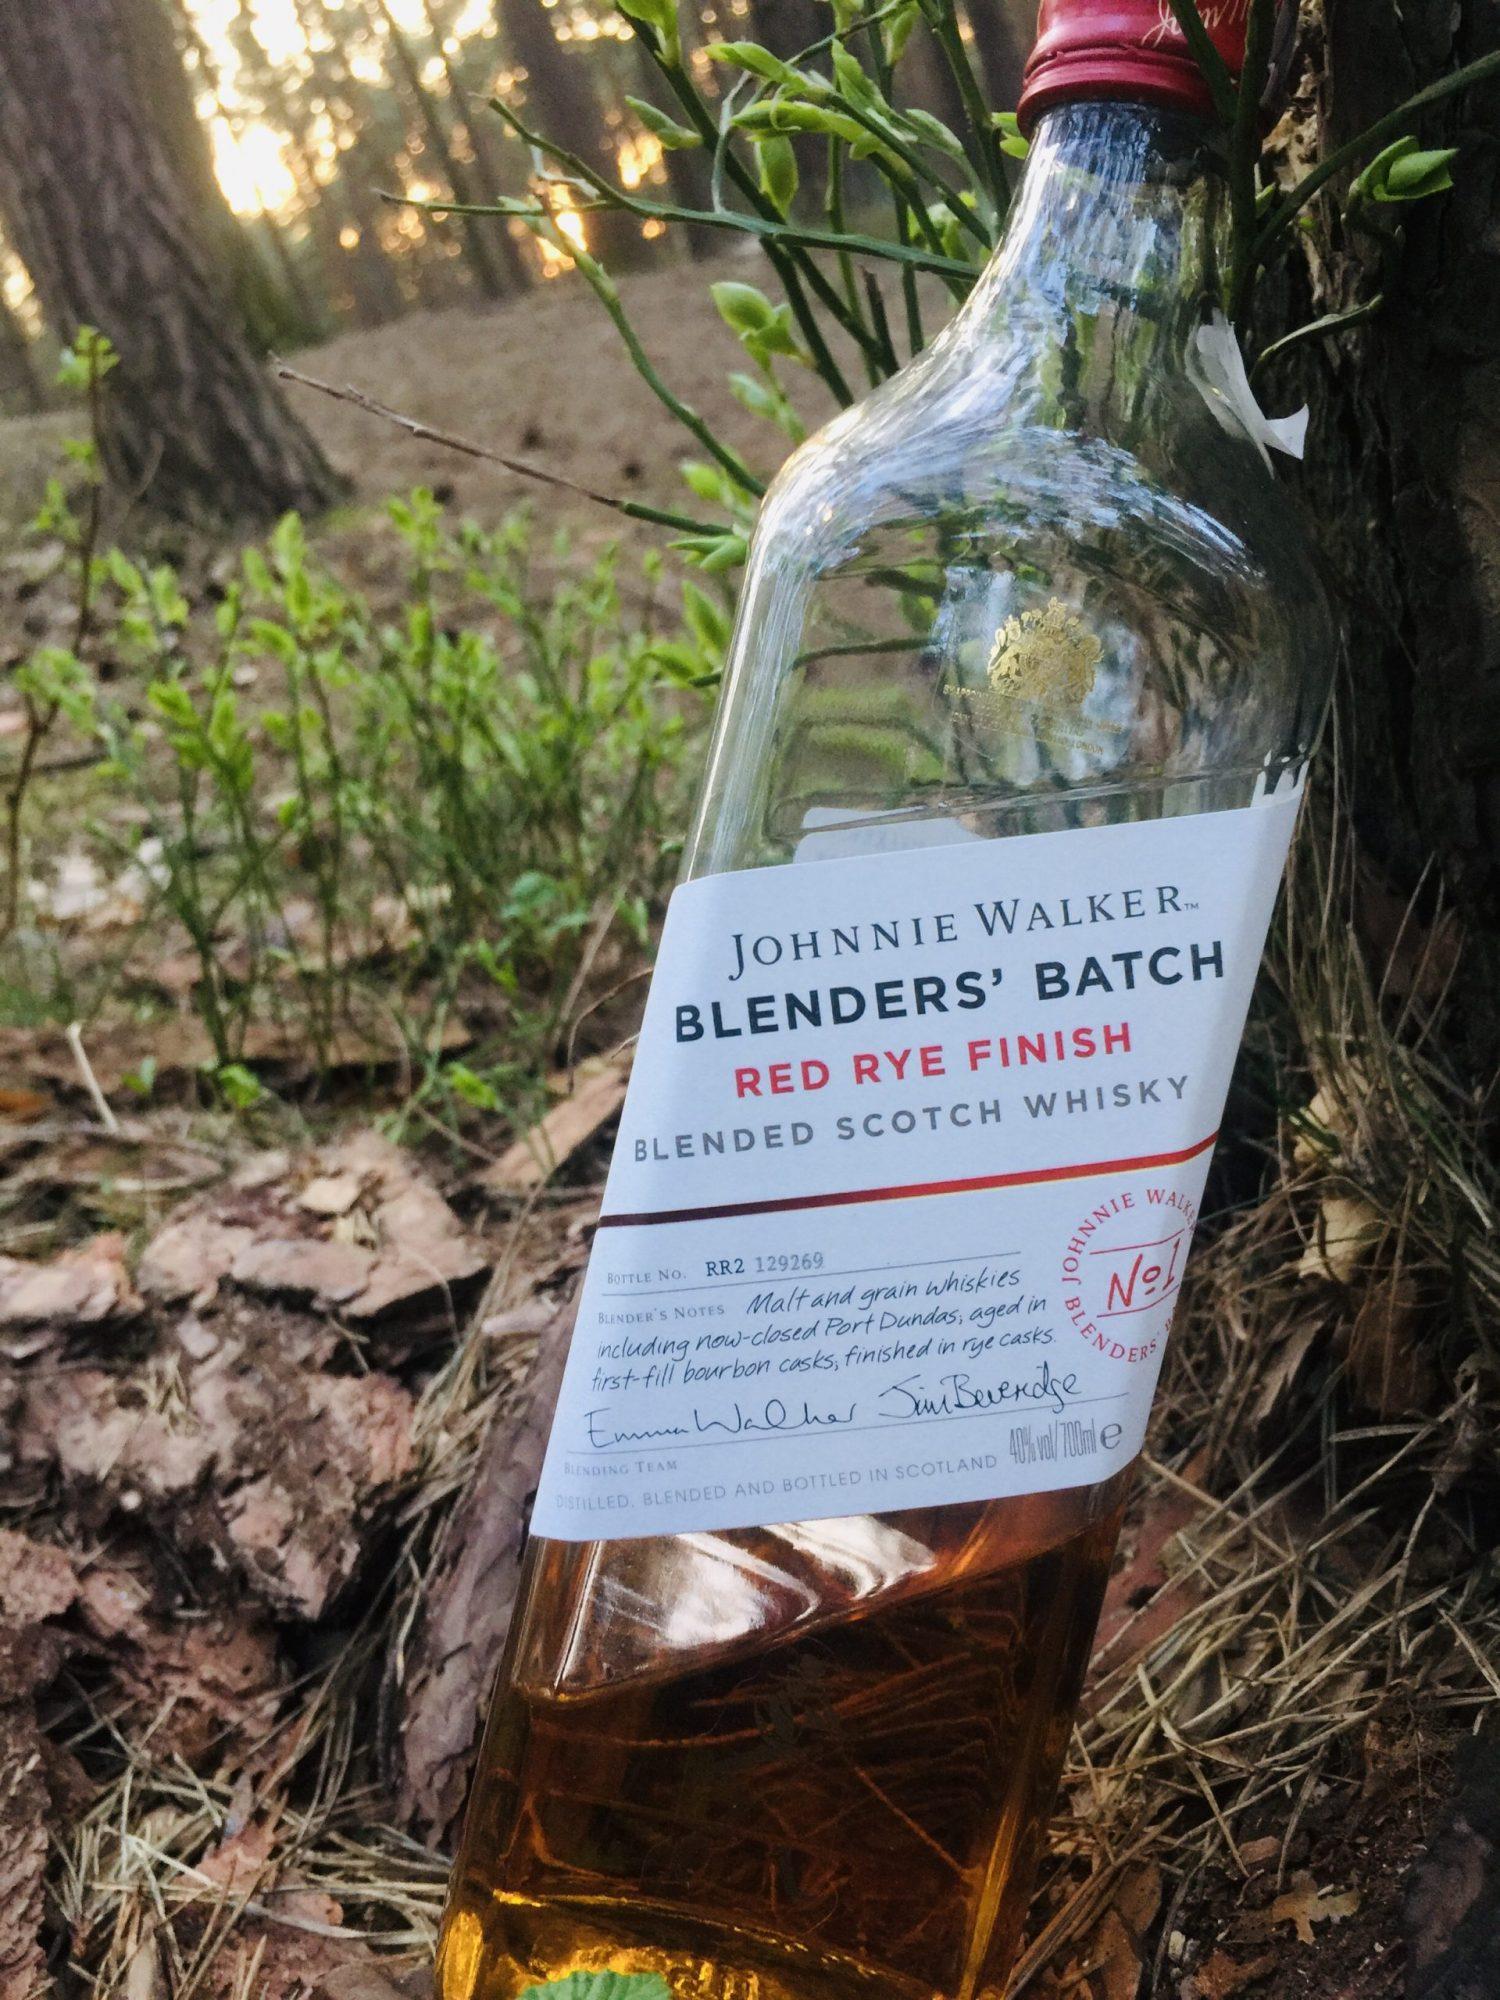 Johnnie Walker Blender's Batch